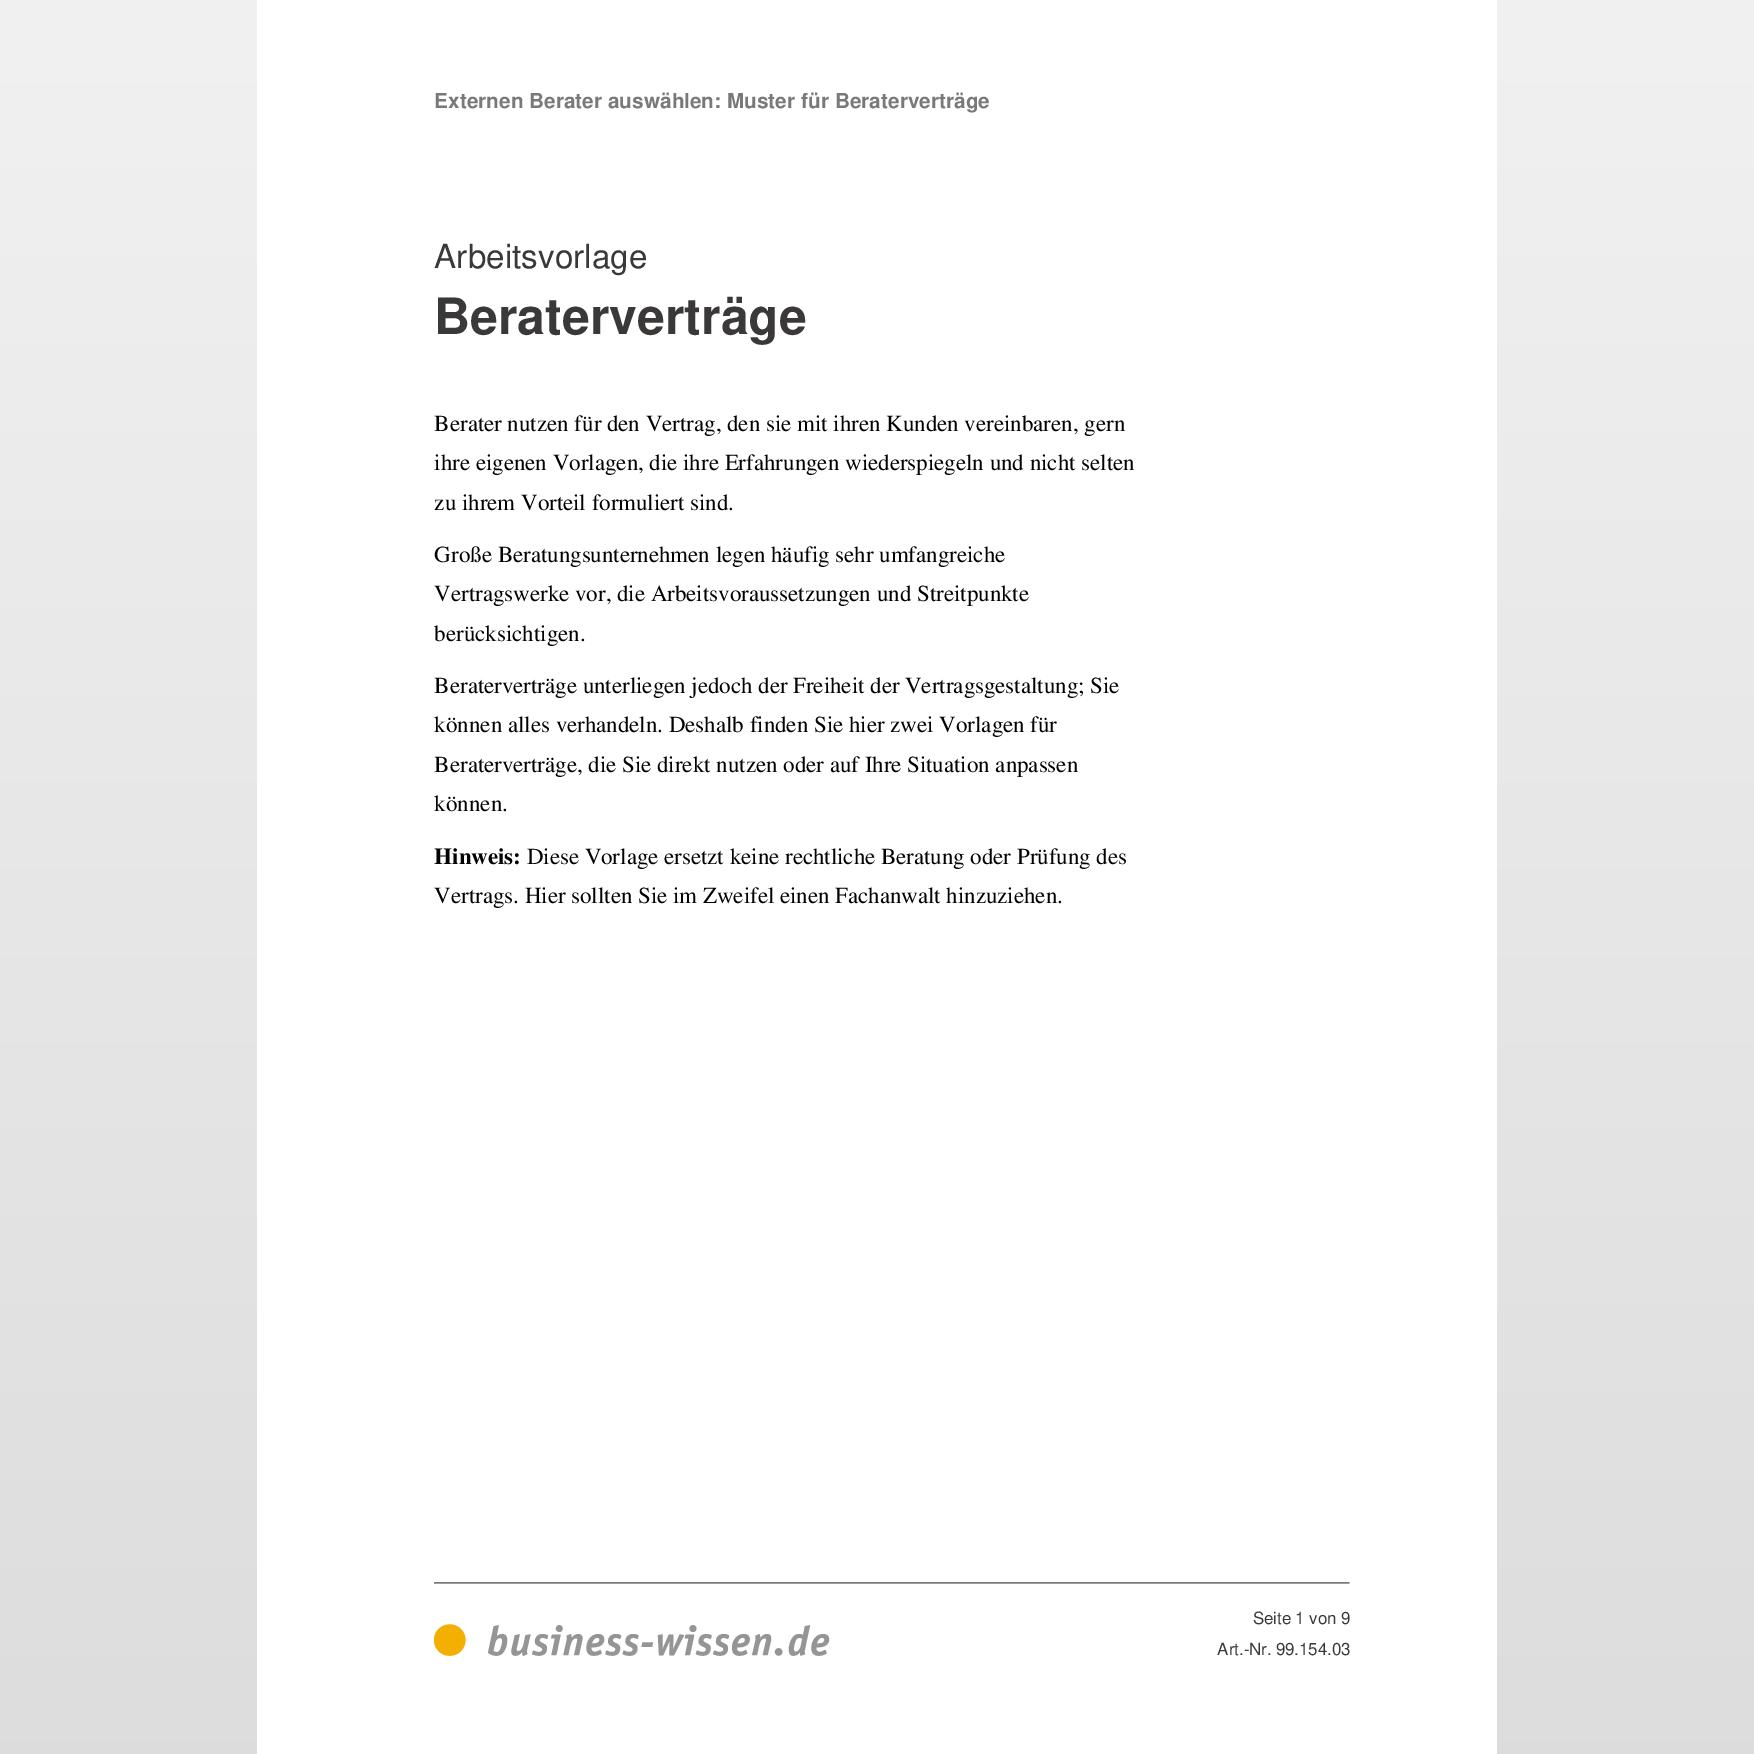 Beratervertrage Beispiele Vorlage Business Wissen De